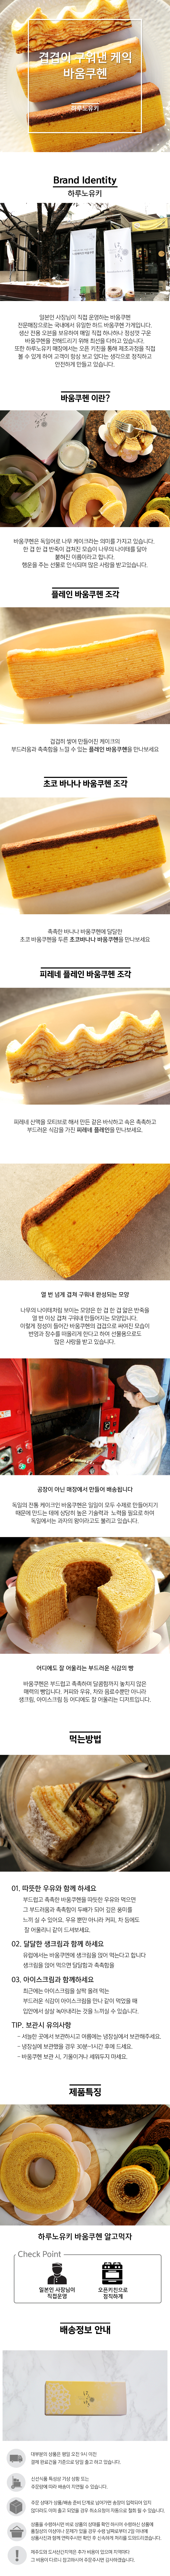 [하루노유키]겹겹이 구뭐낸 바움쿠헨 조각 150g - 테이스티푸드, 13,000원, 쿠키/케익/빵, 케익